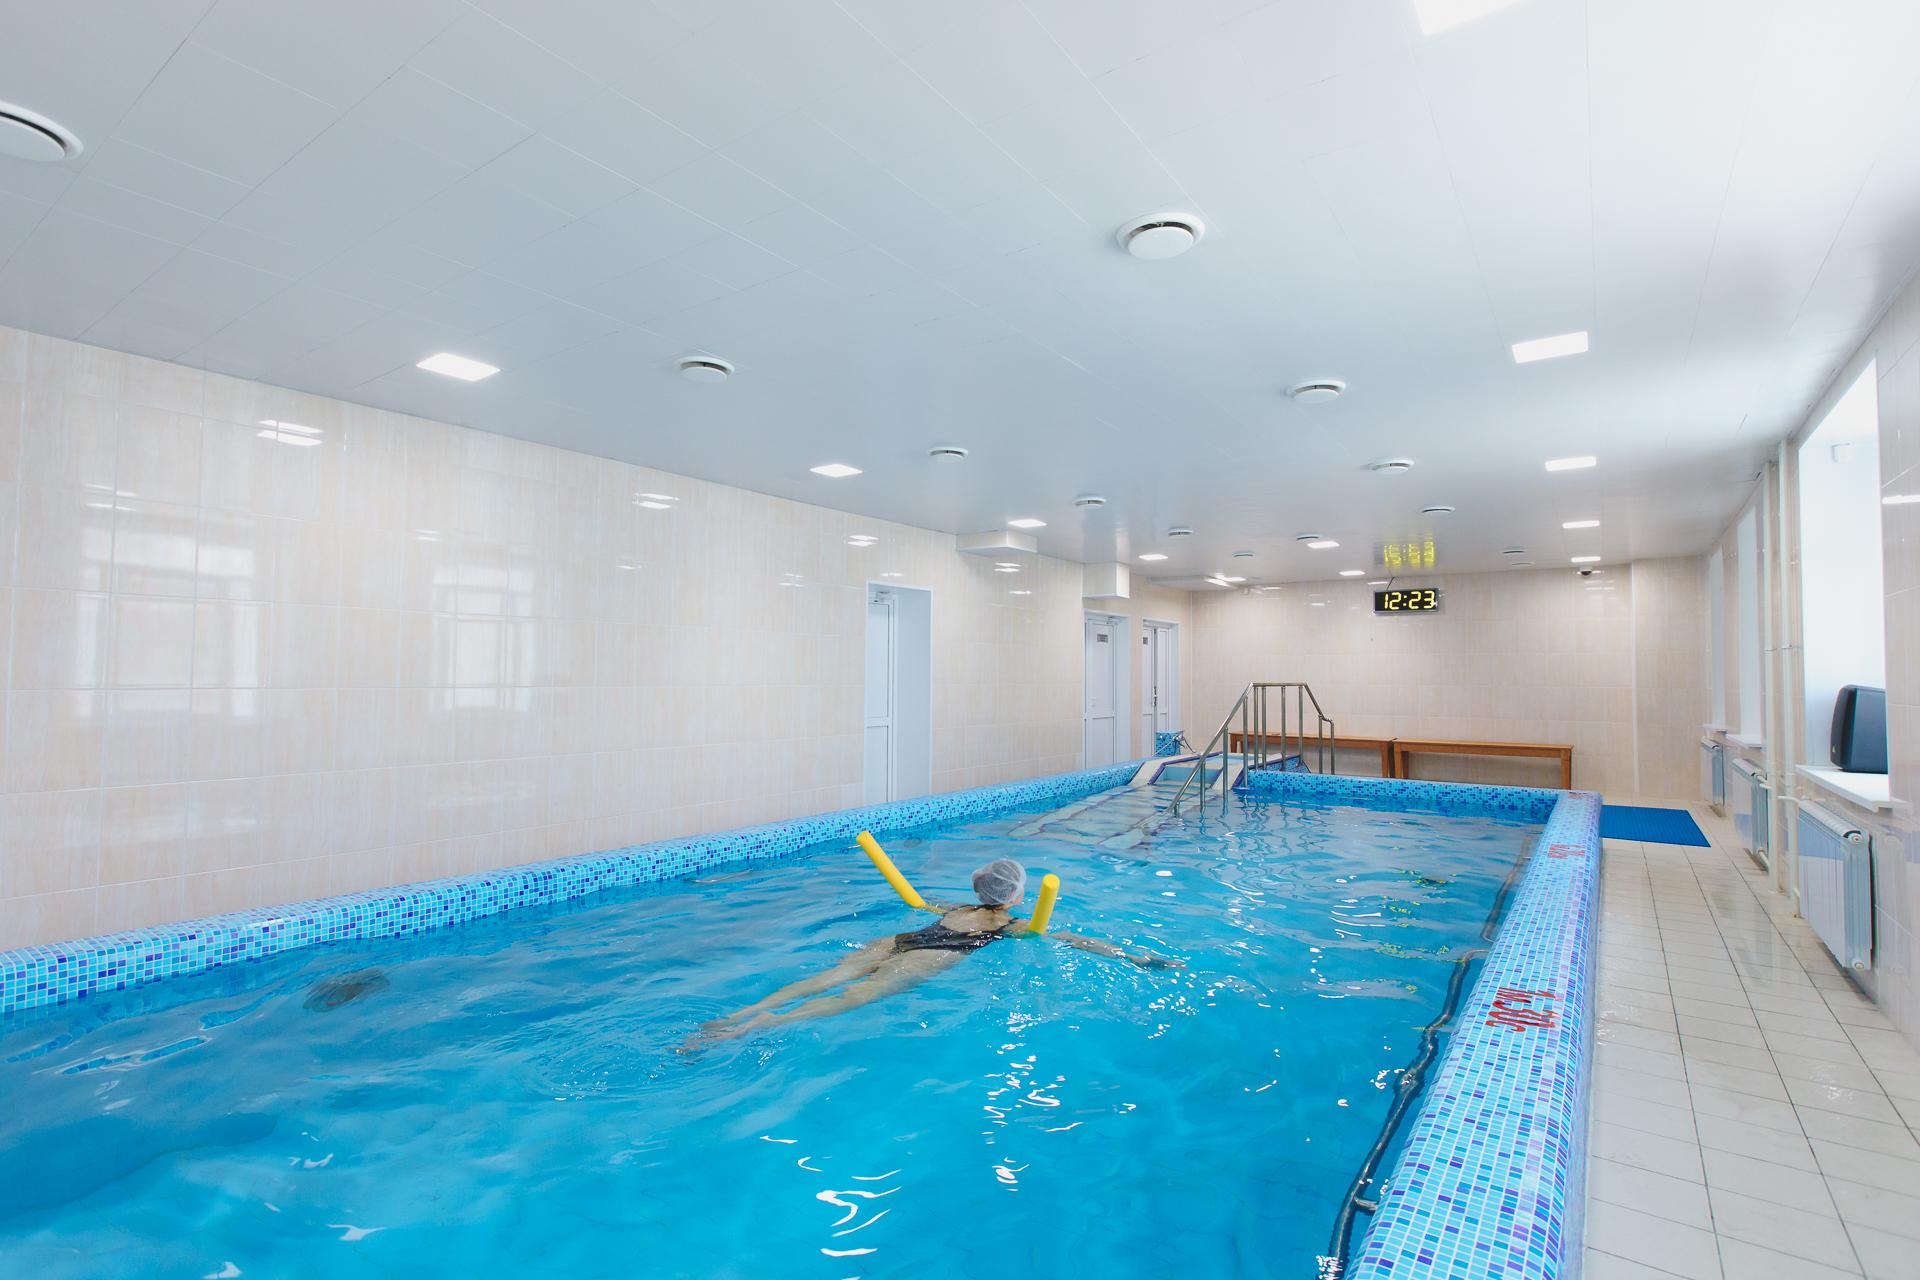 Индивидуальное занятие ЛФК в бассейне с инструктором длится до получаса